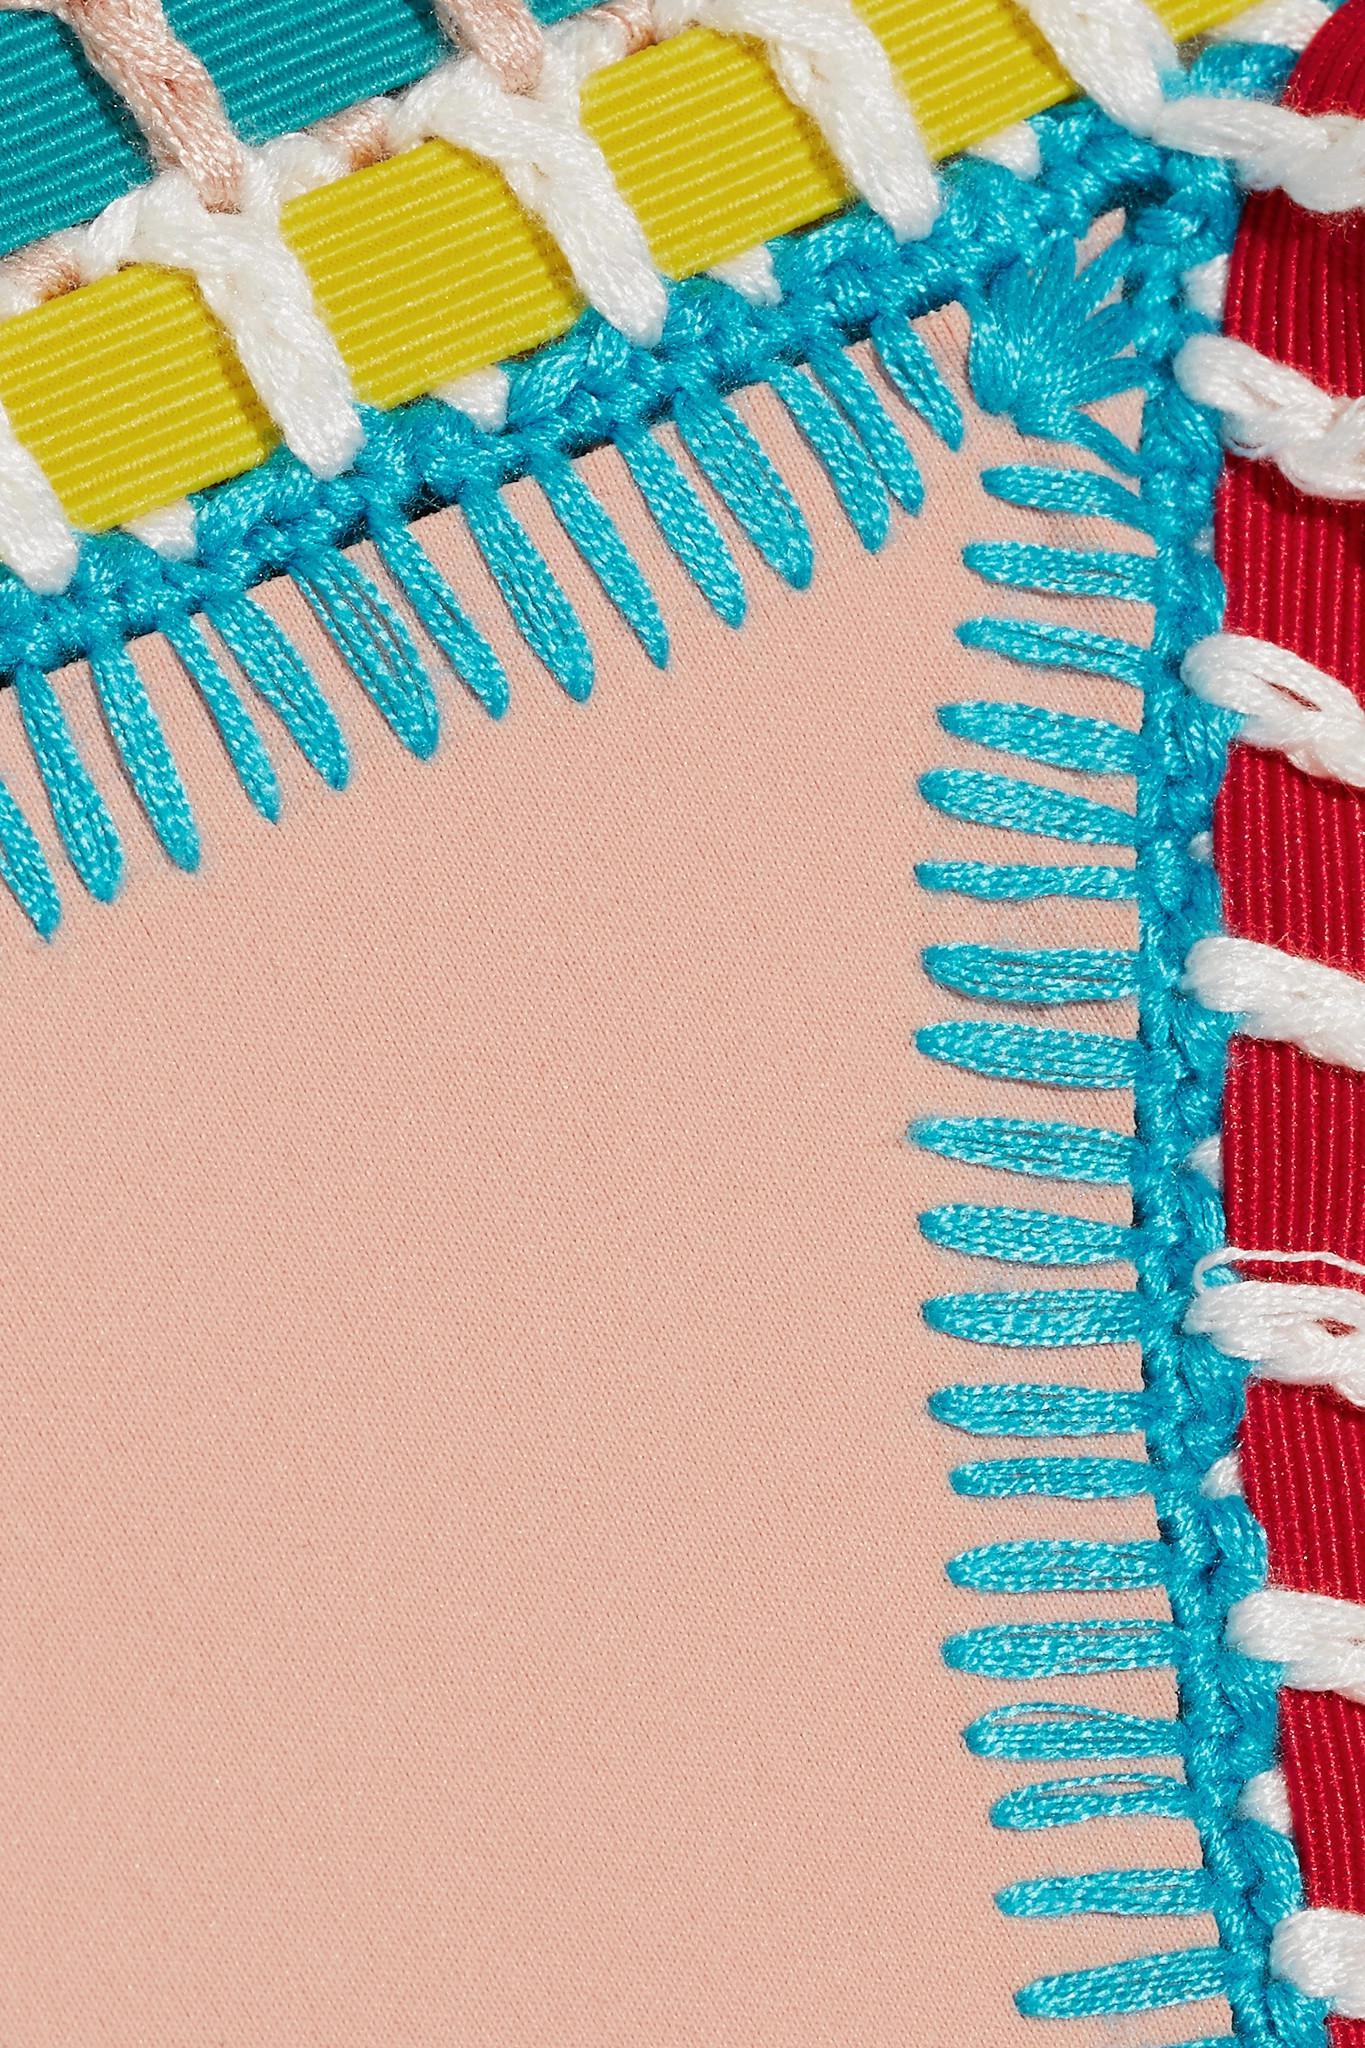 32ccf0e1f7f73 KIINI Luna Crochet-trimmed Bikini Briefs in White - Lyst